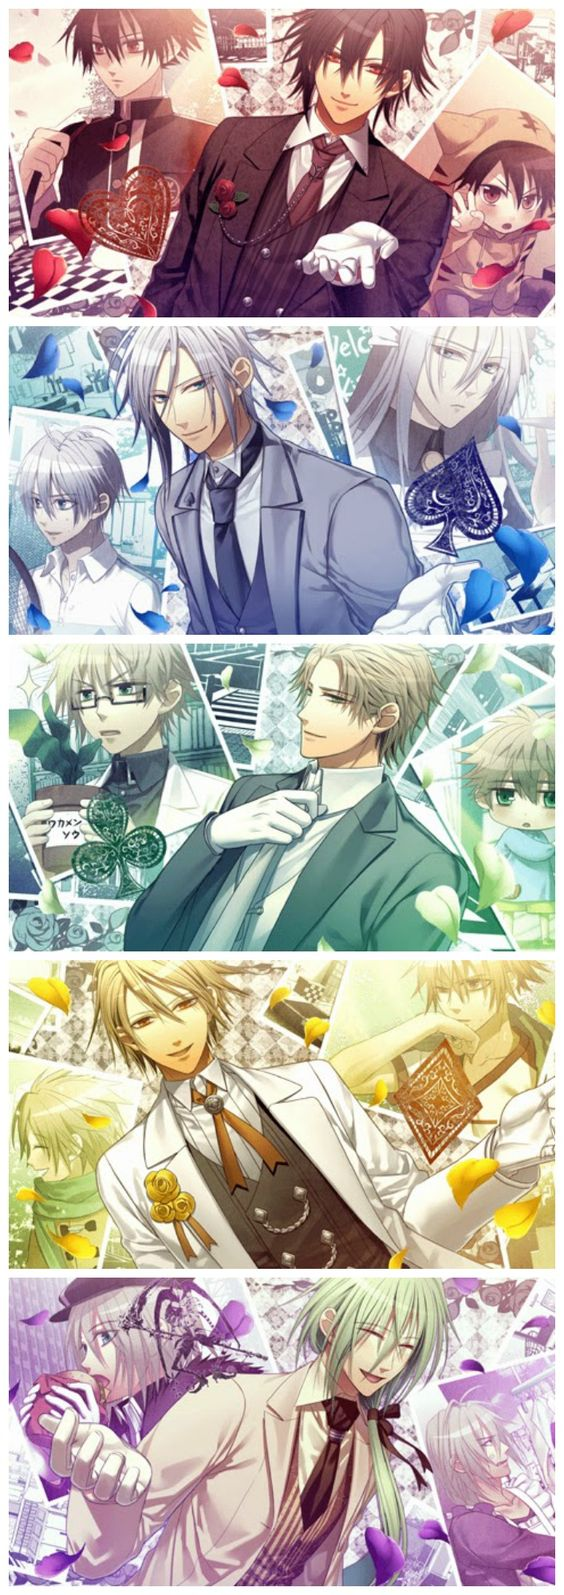 Amnesia Later CG (Shin, Ikki, Kent, Toma & Ukyo)